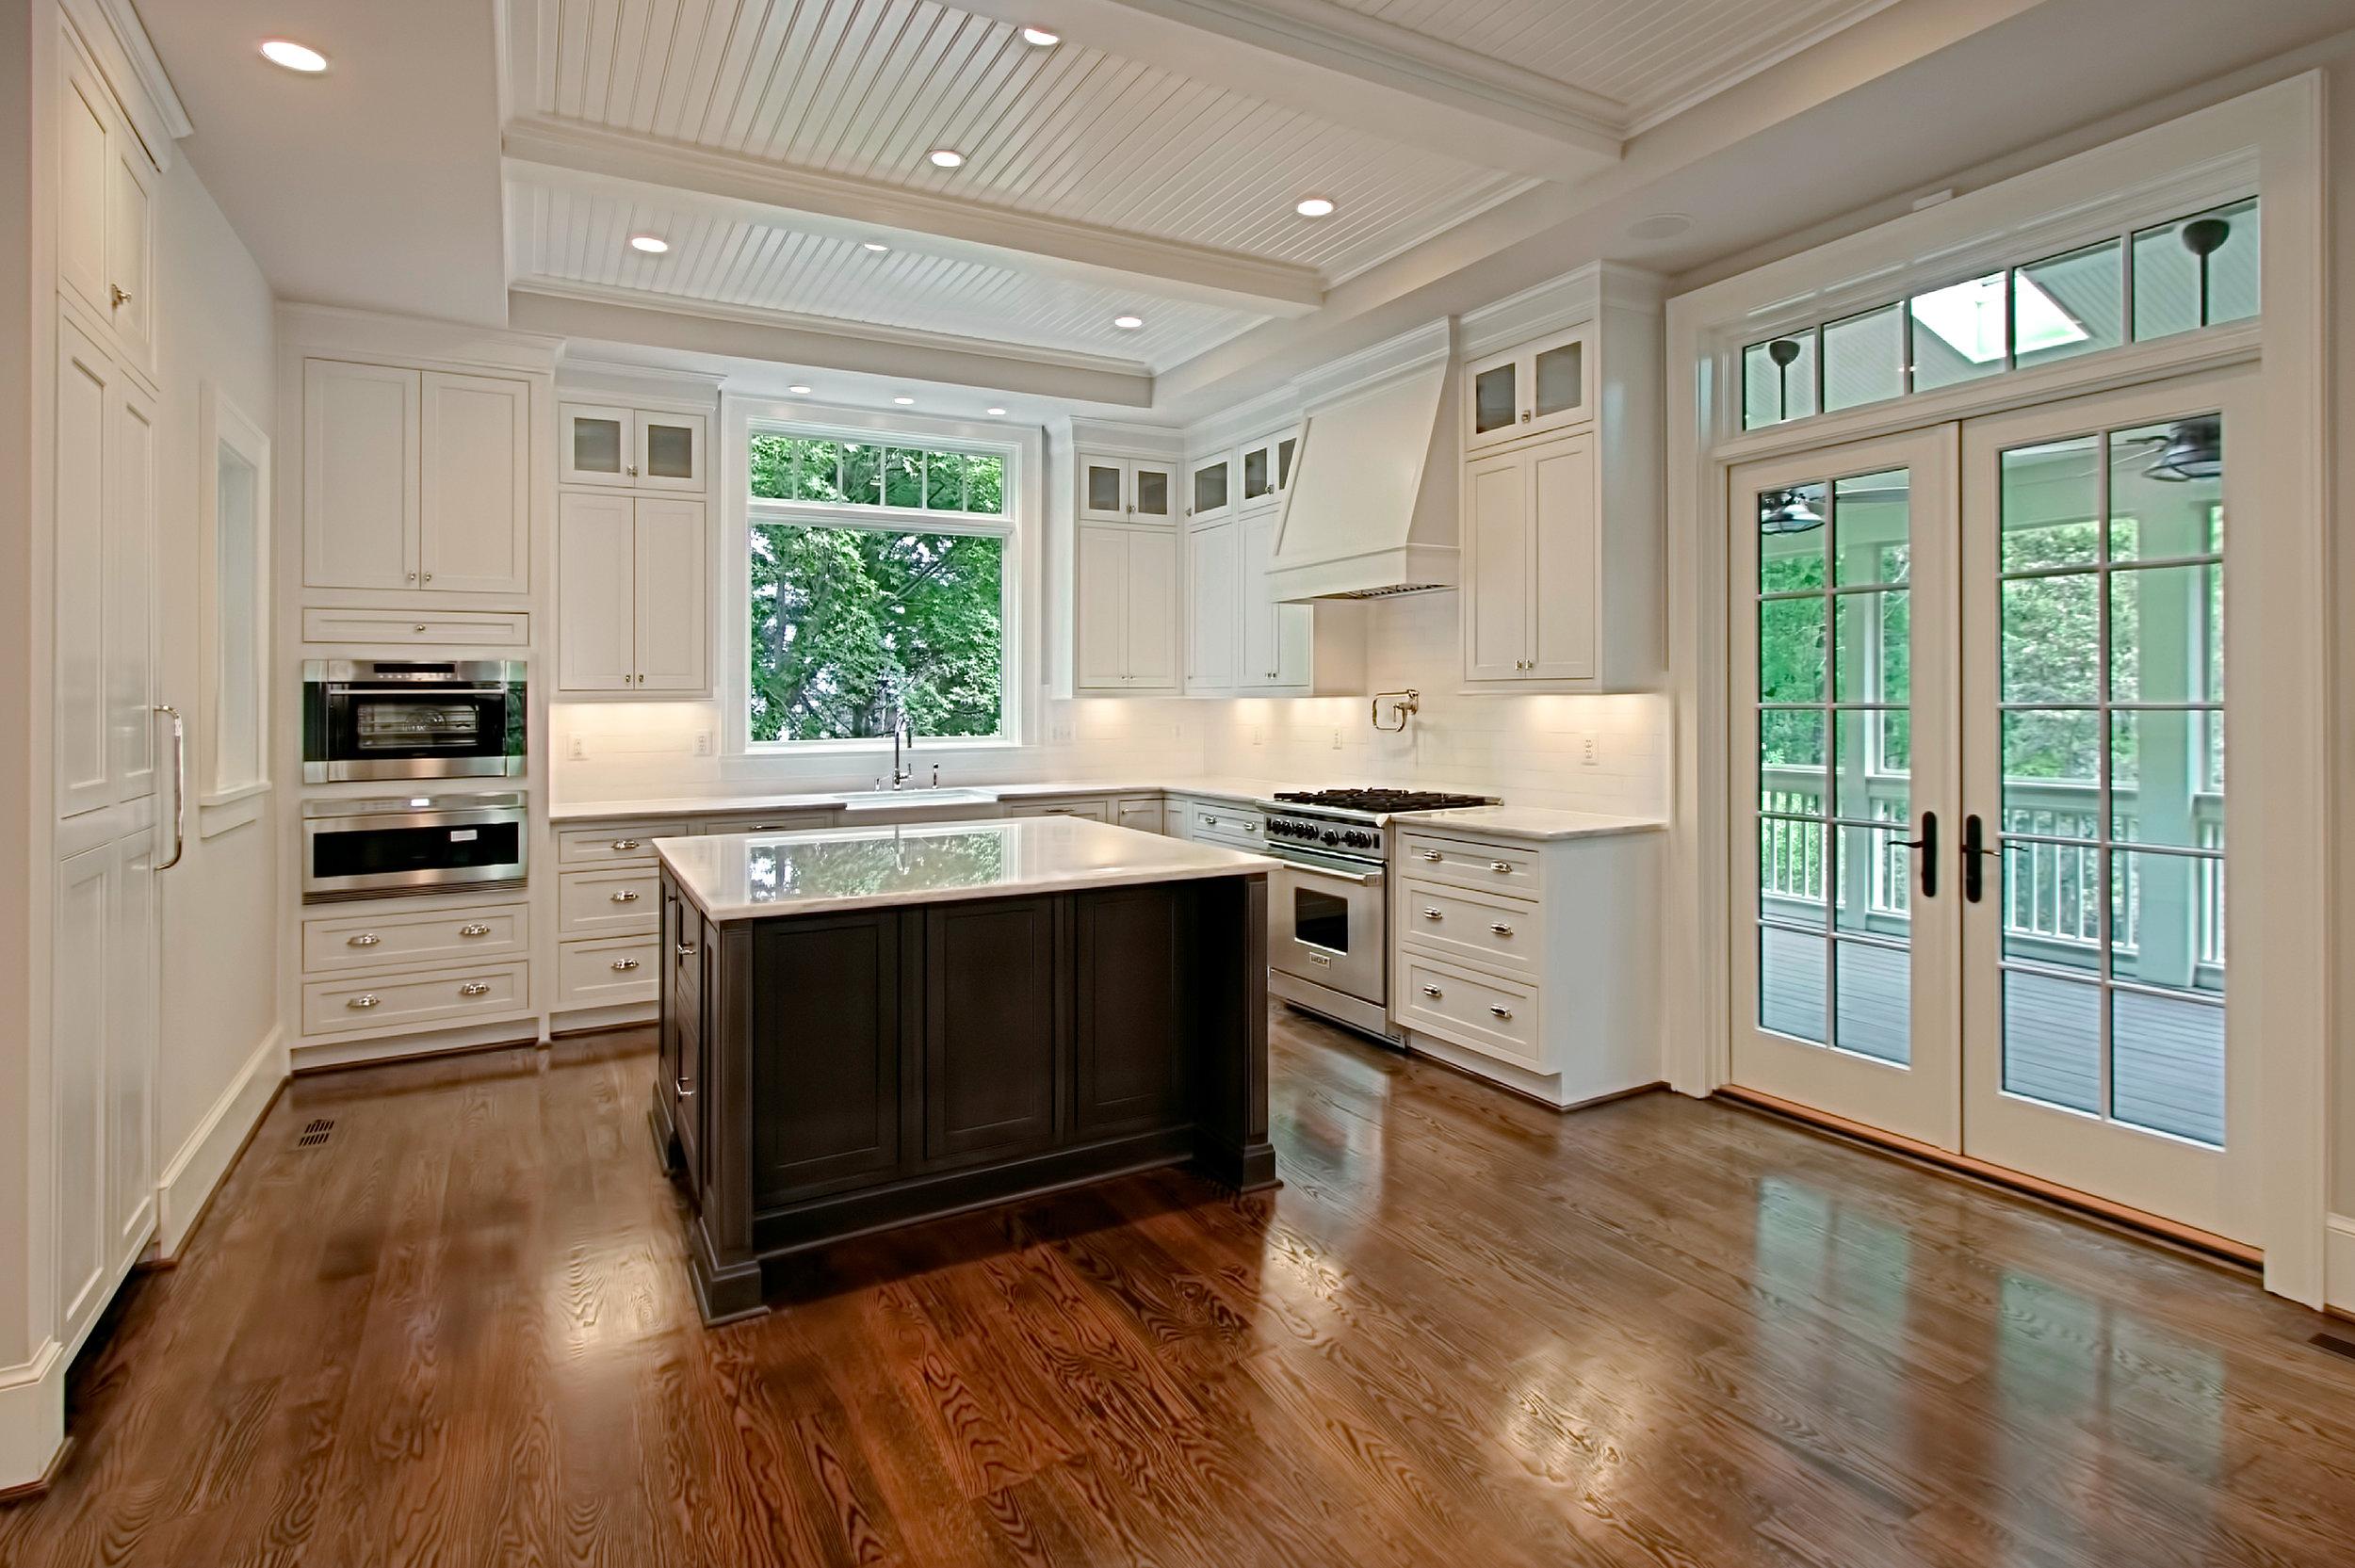 1886 Virginia Ave. - Kitchen 1.jpg